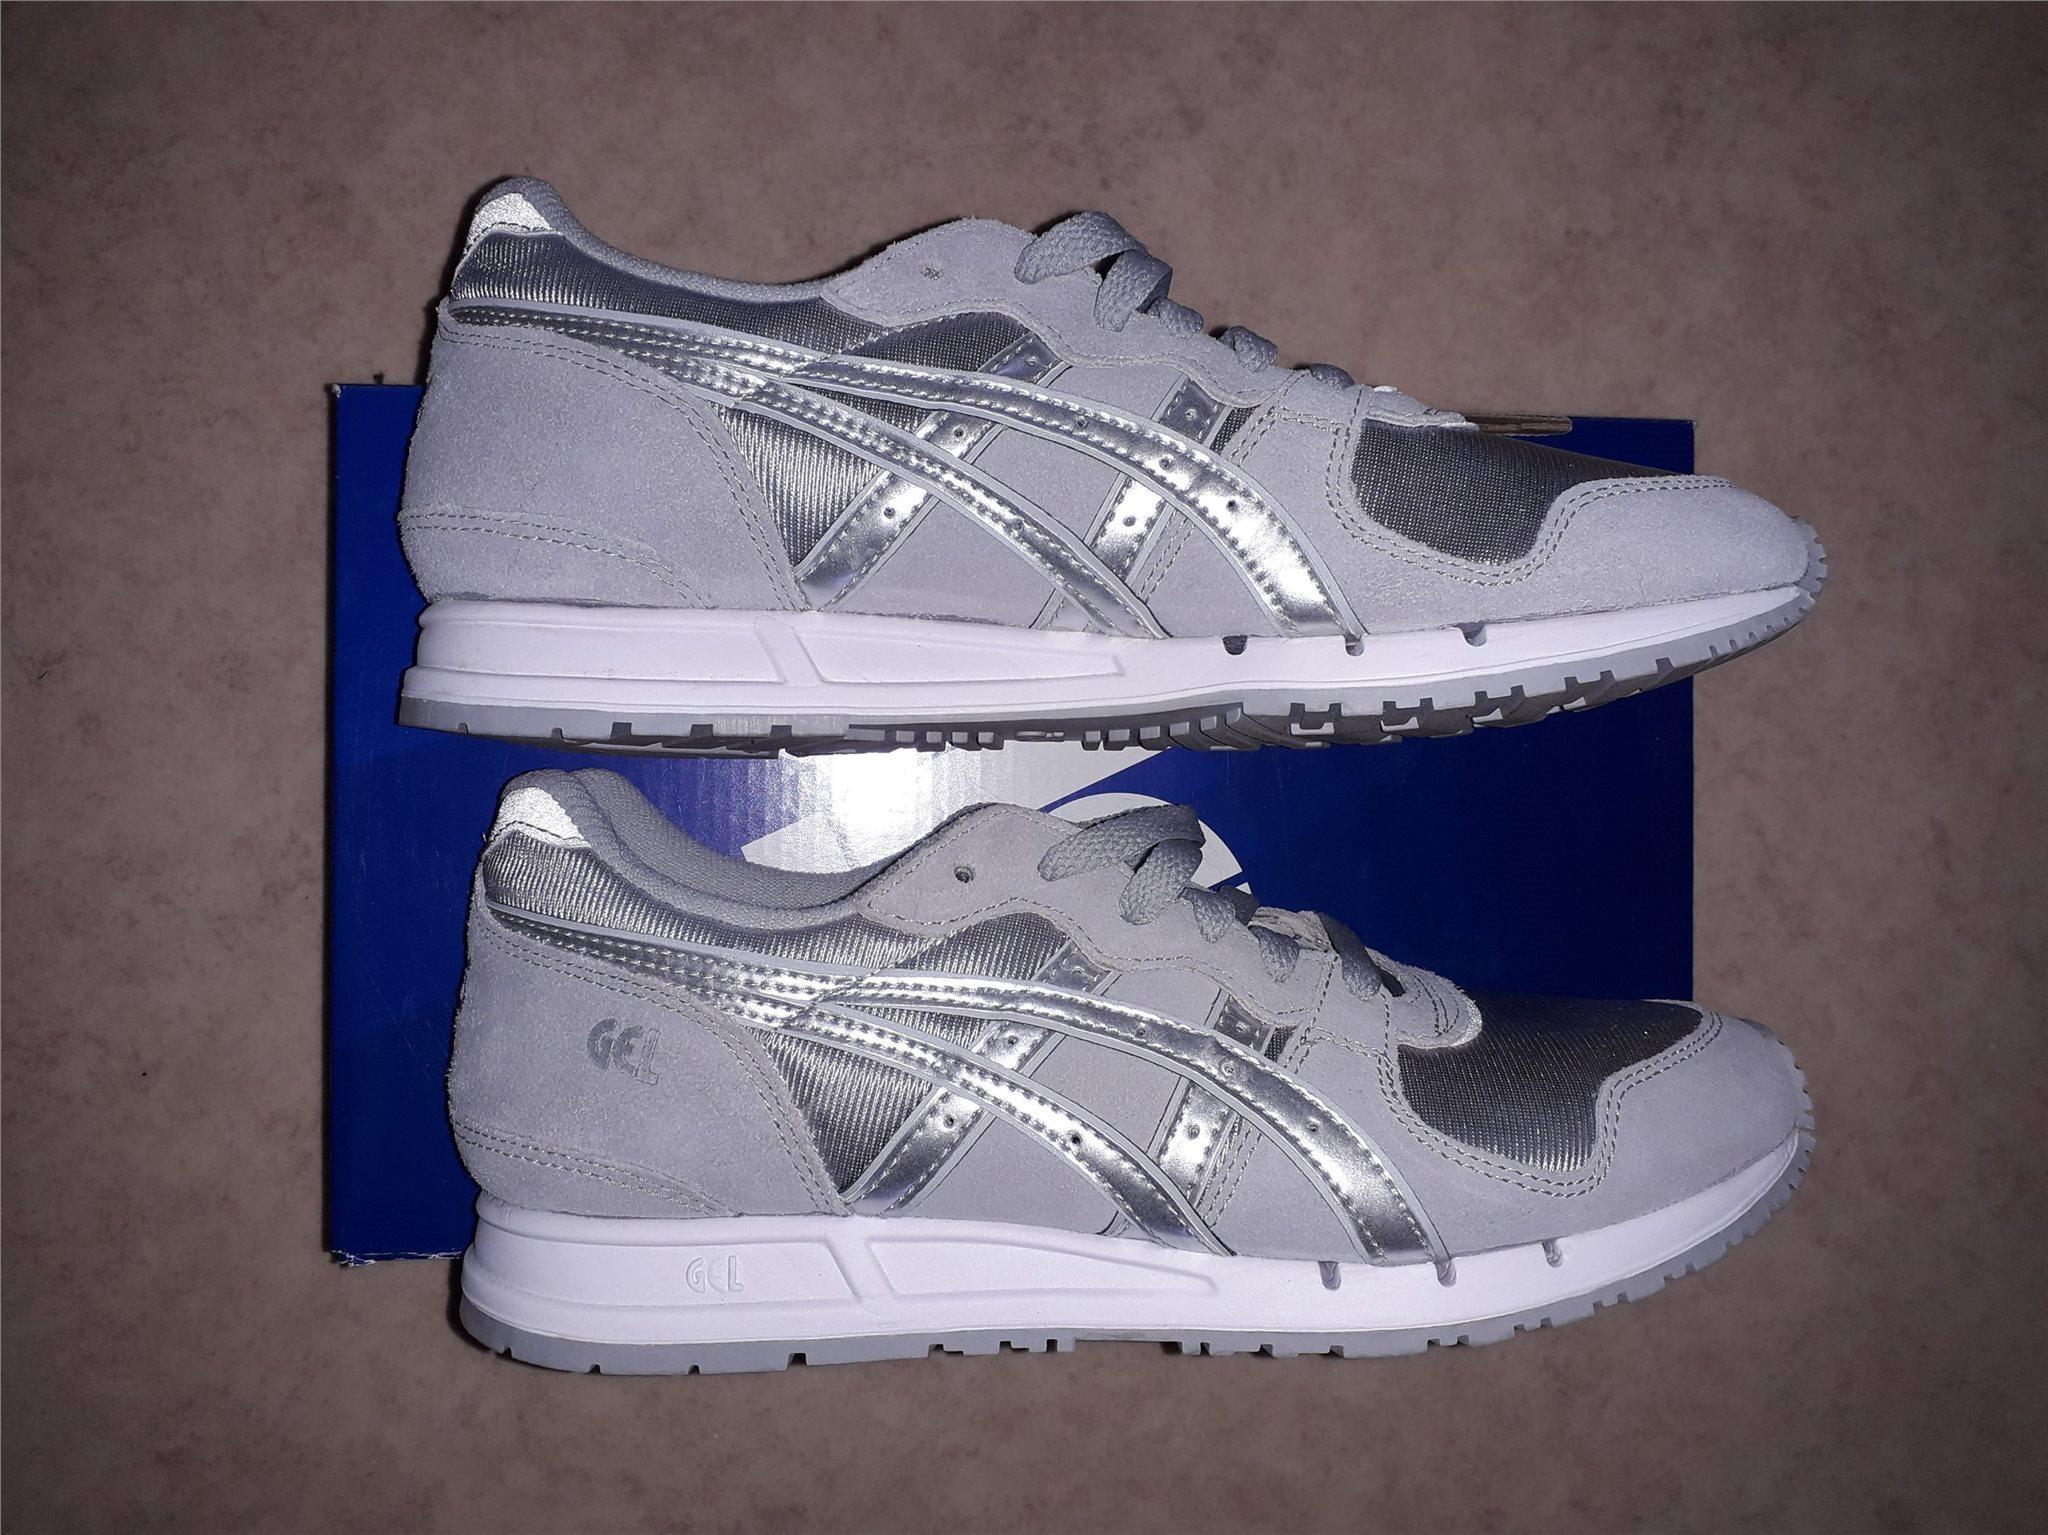 63532bd5c3a381 ASICS SKOR helt nya bekväma skor av mocka(skin.. (342394368) ᐈ Köp ...